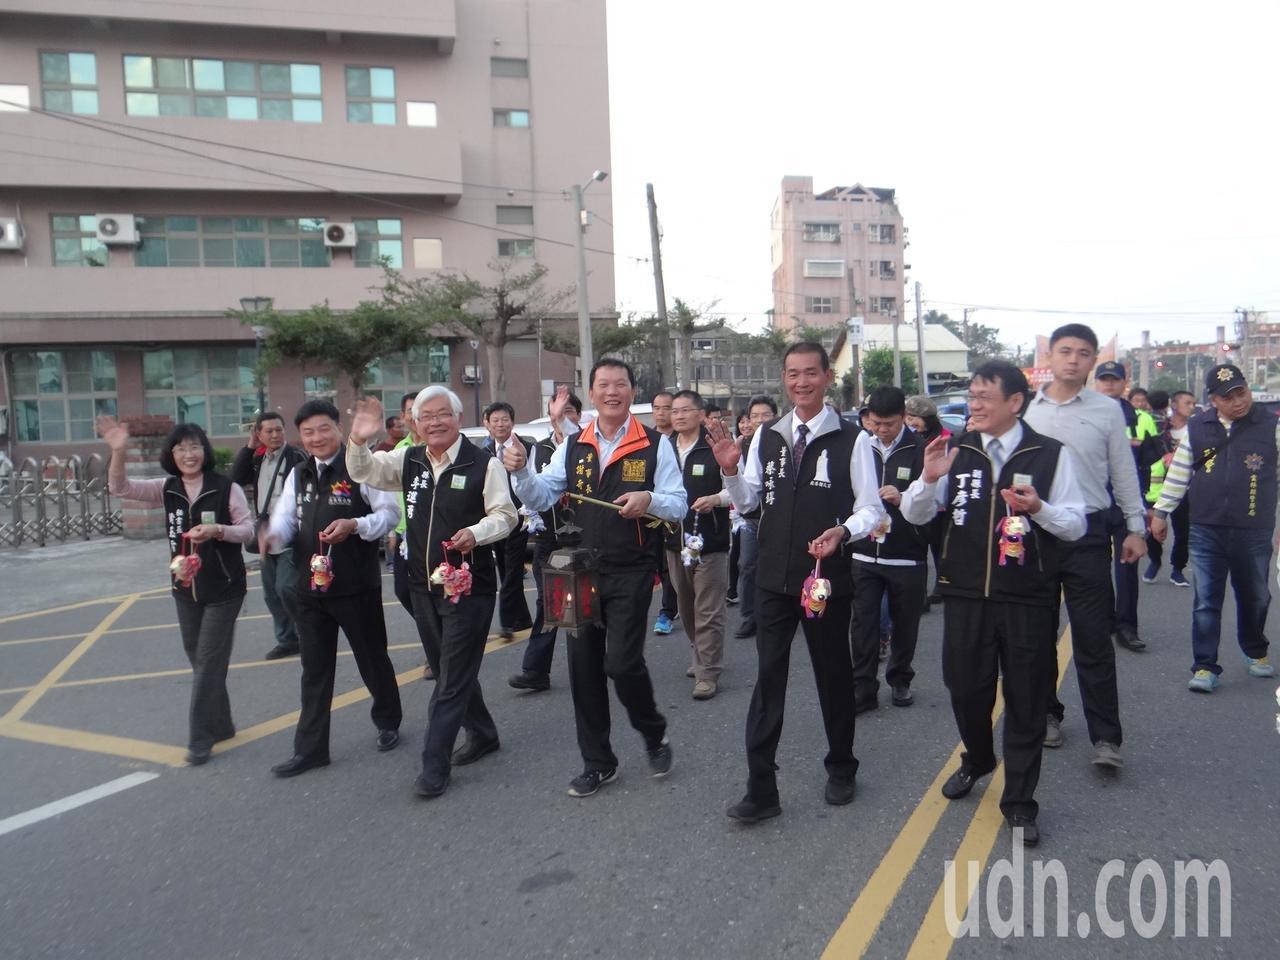 雲林縣長李進勇帶領千人展開盛大的提燈踩街,帶動元宵熱鬧氣氛。記者蔡維斌/攝影